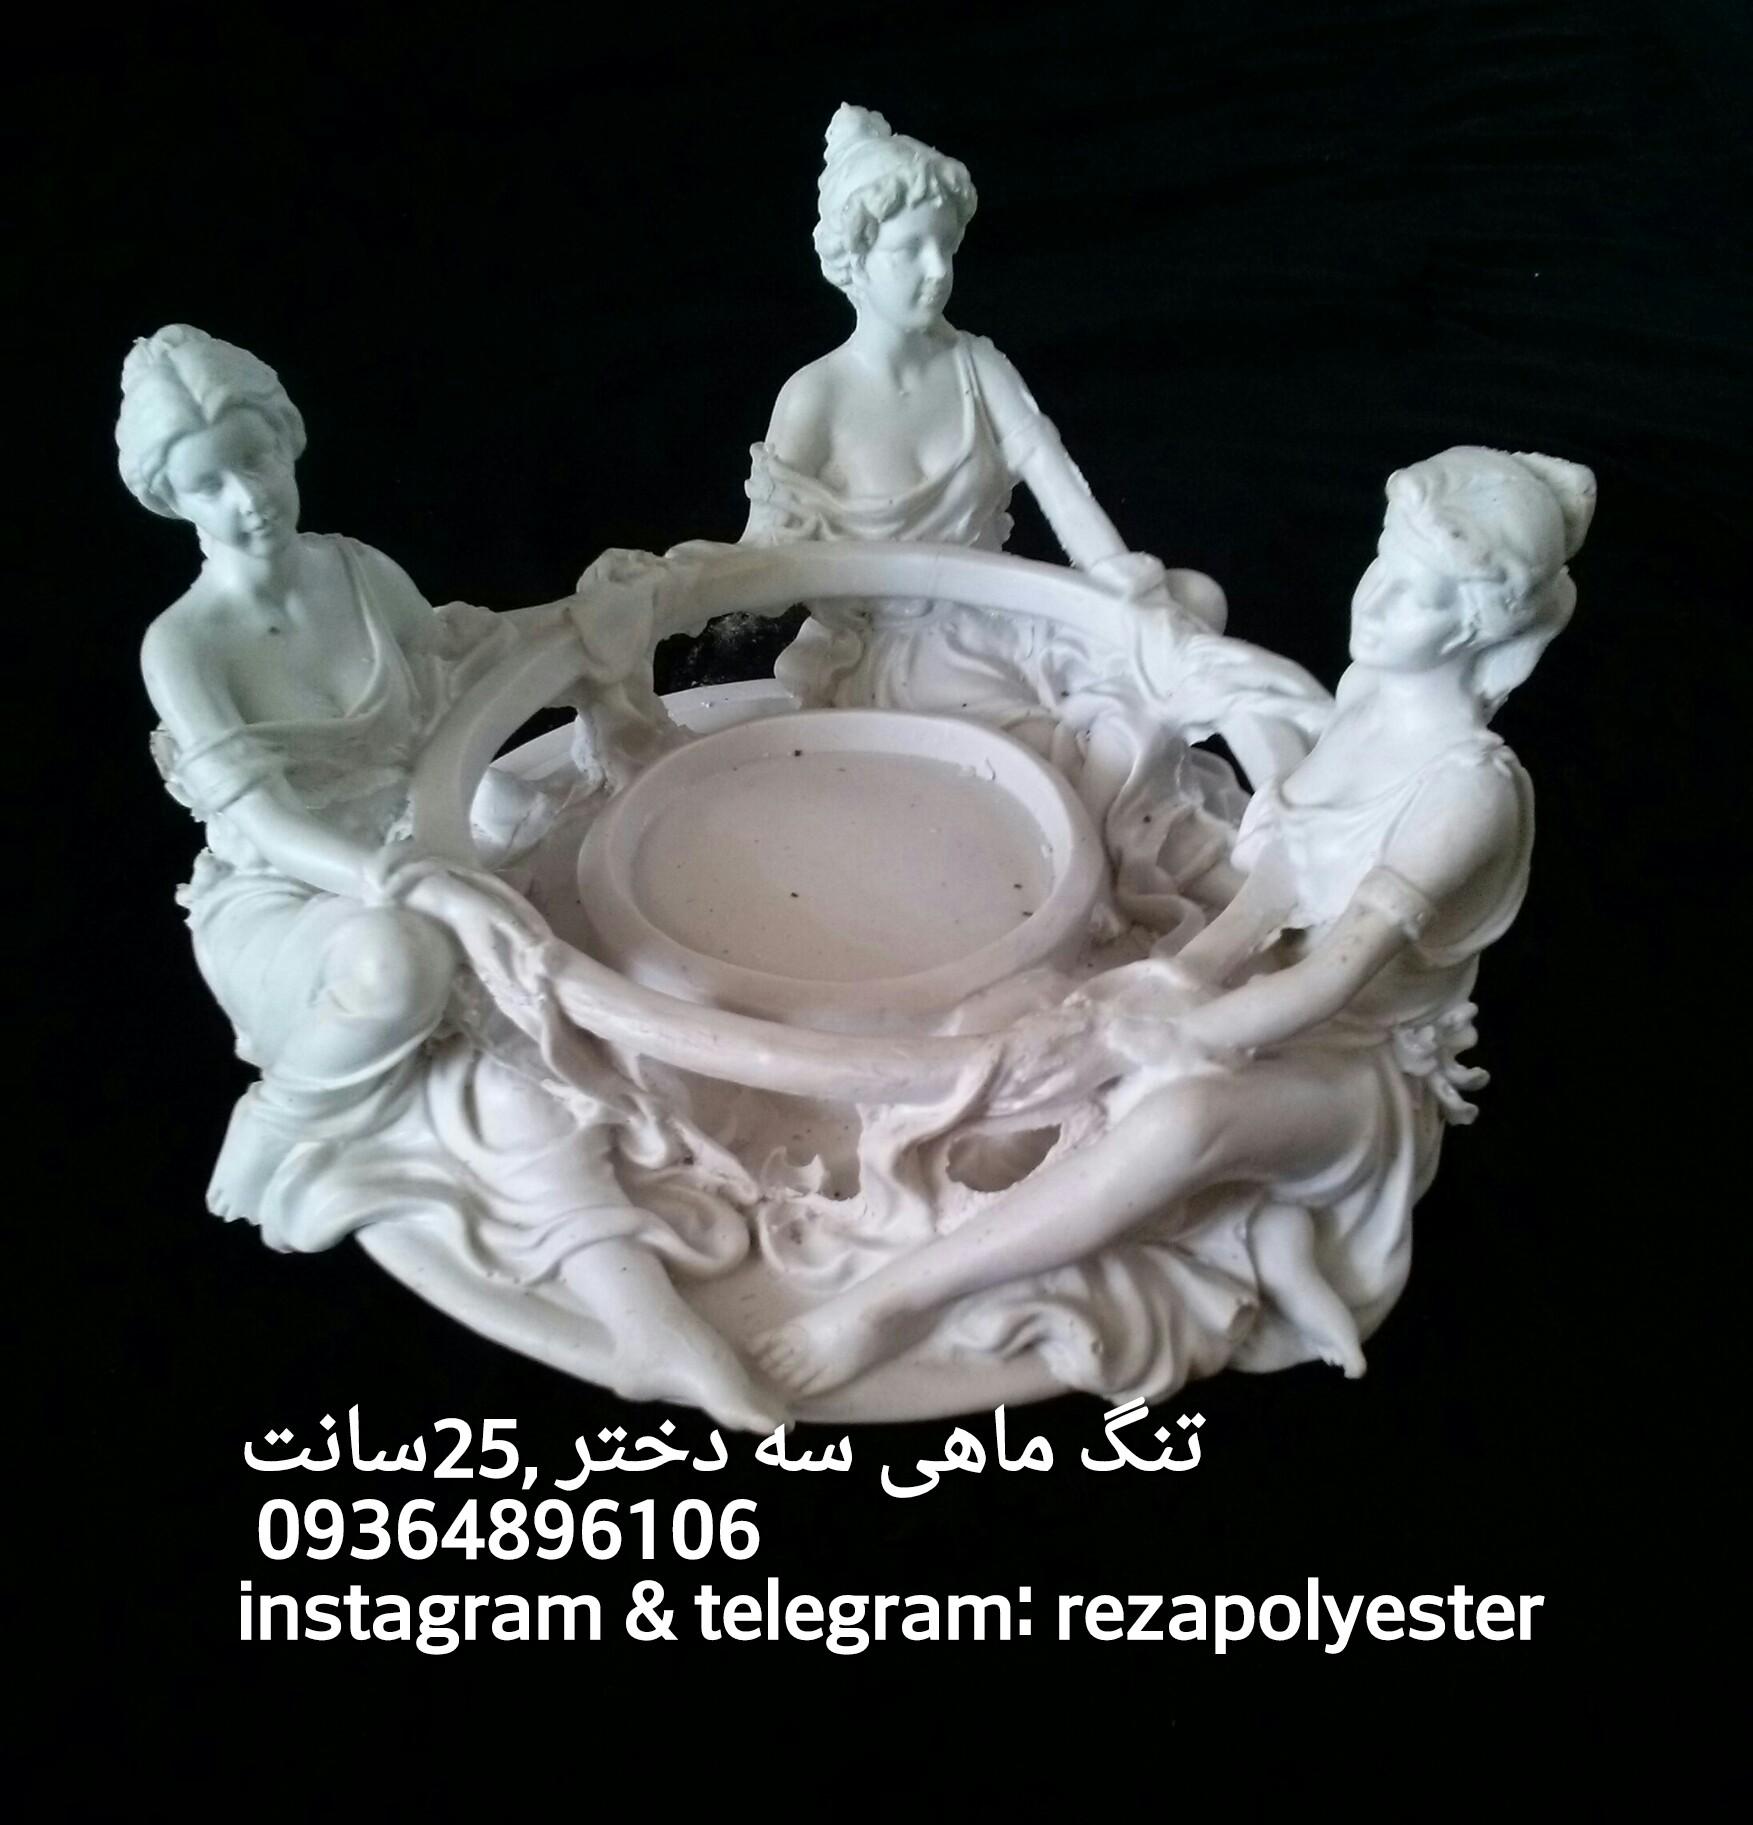 مجسمه تنگ ماهی سه دختر